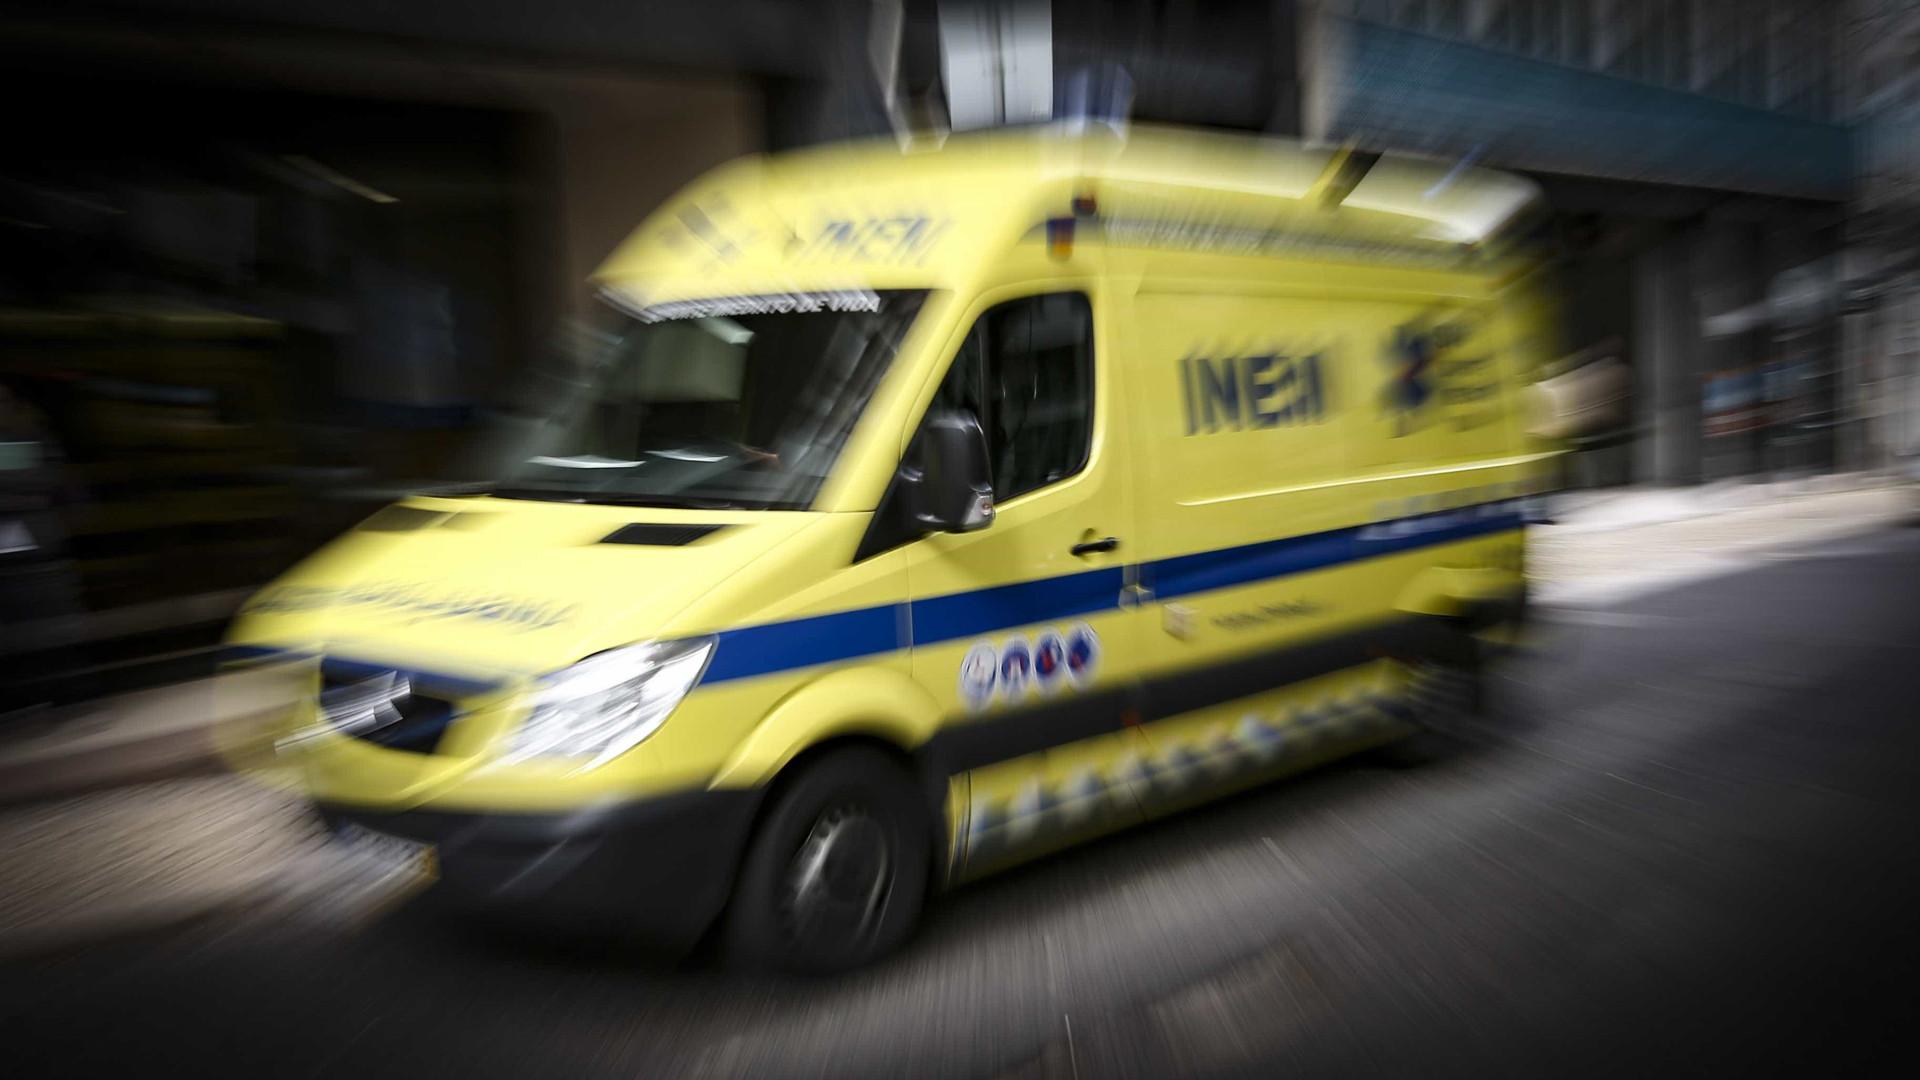 Acidente no IC2 causa um morto e cinco feridos, incluindo duas crianças